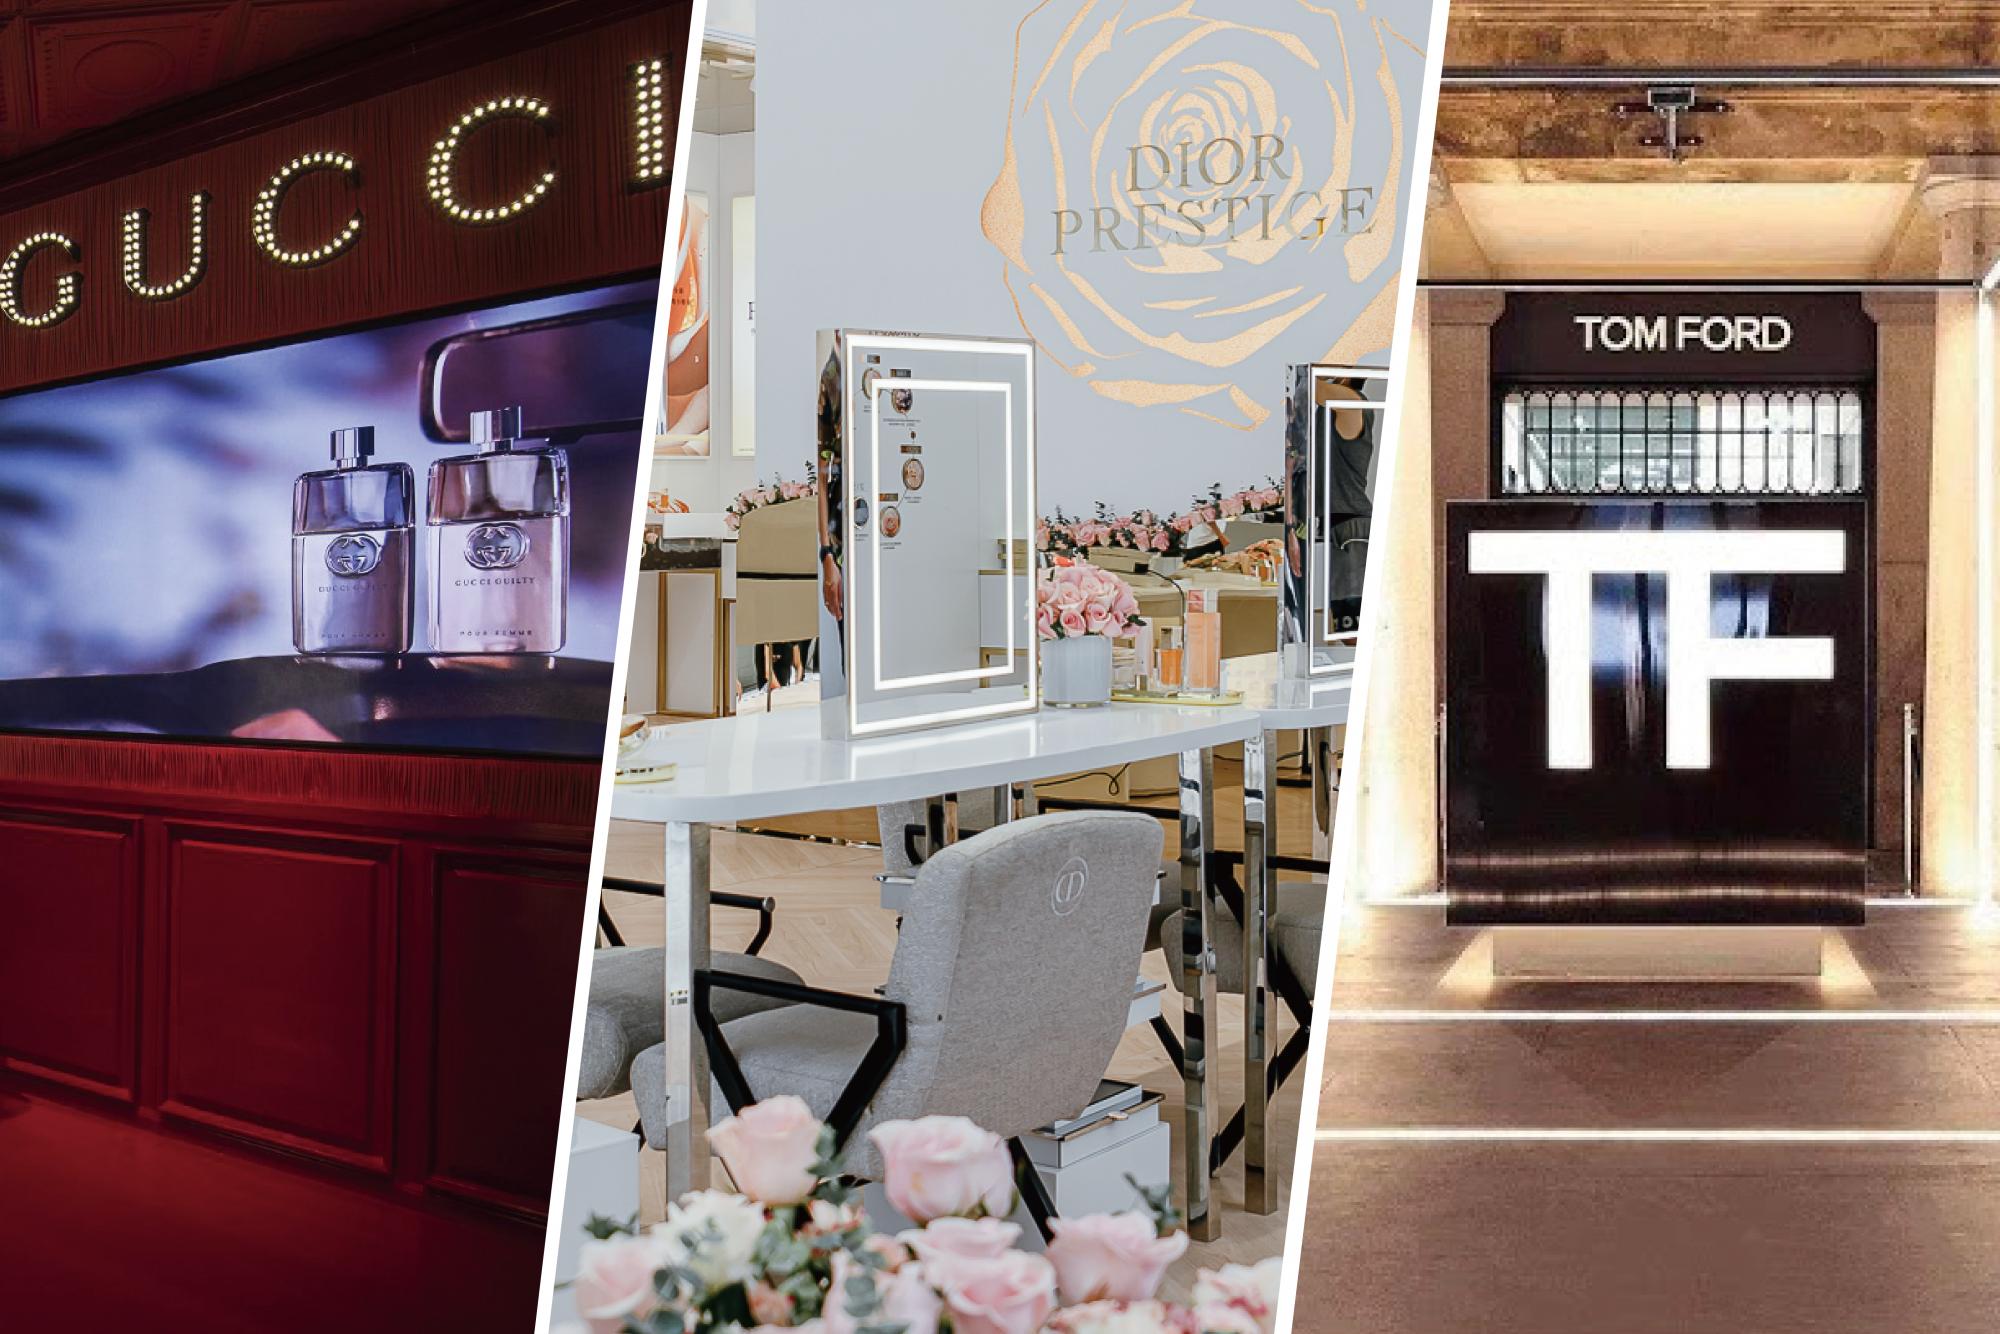 深度|高端美妆品牌在中国全面升级独立门店,从中可以看出哪些门道?